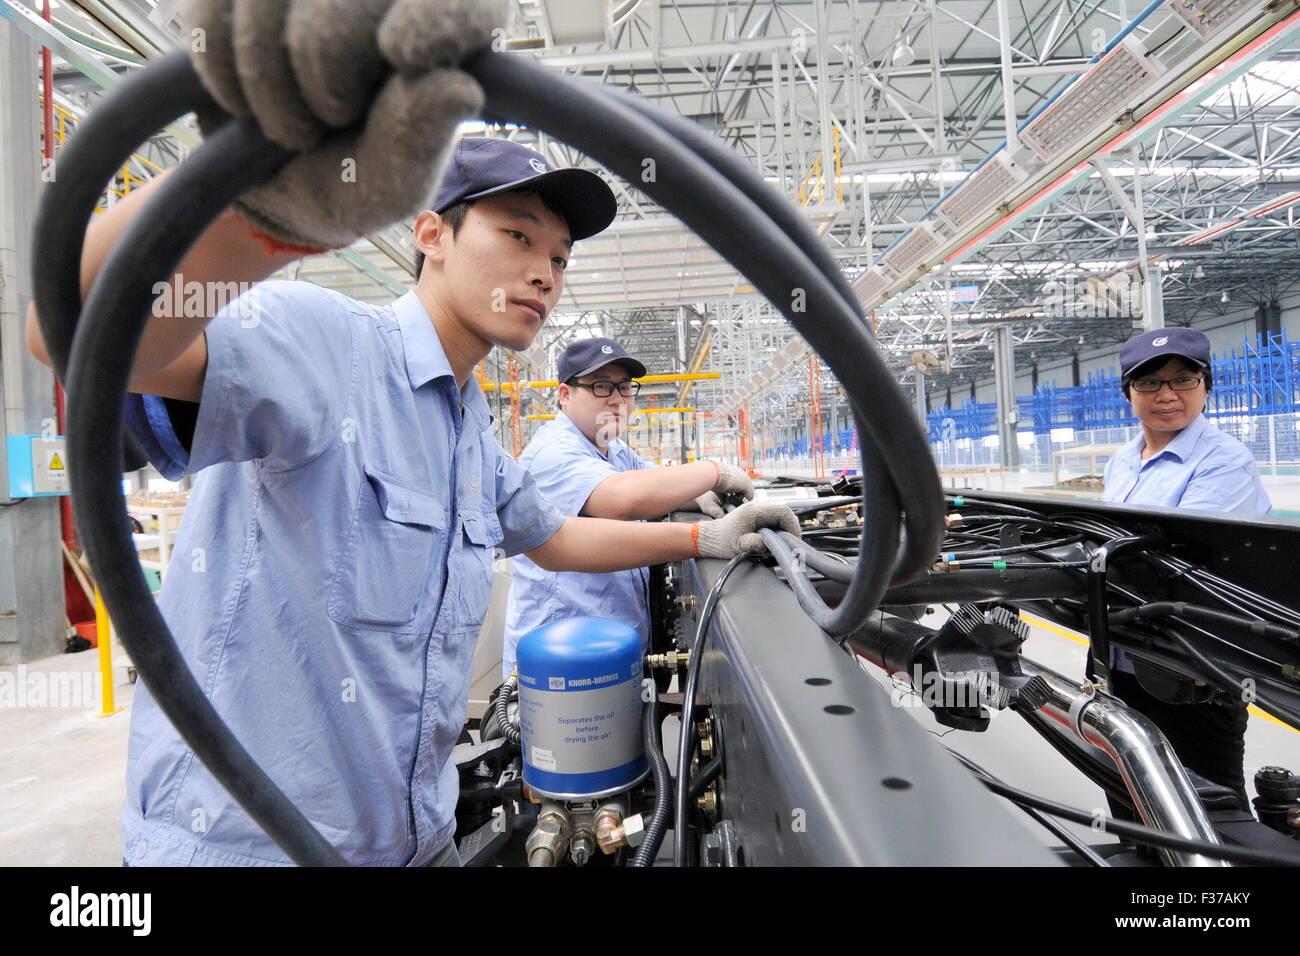 (151001) -- XINGTAI, 1 ottobre, 2015 (Xinhua) -- i lavoratori lavorano su una linea di produzione a base di produzione Immagini Stock